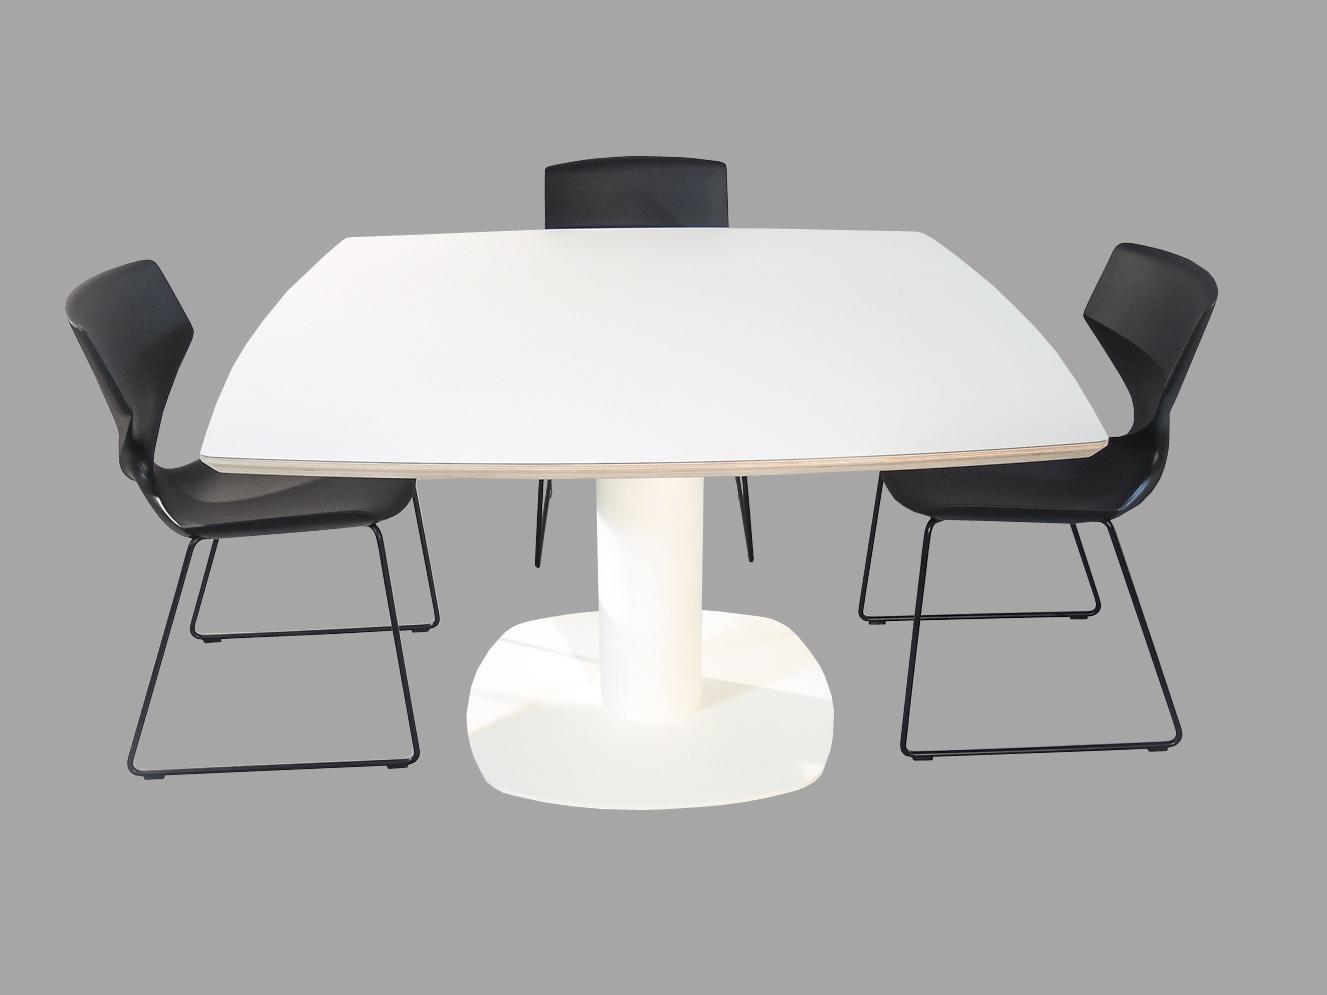 Empoli - Vierkante eettafel 8 personen